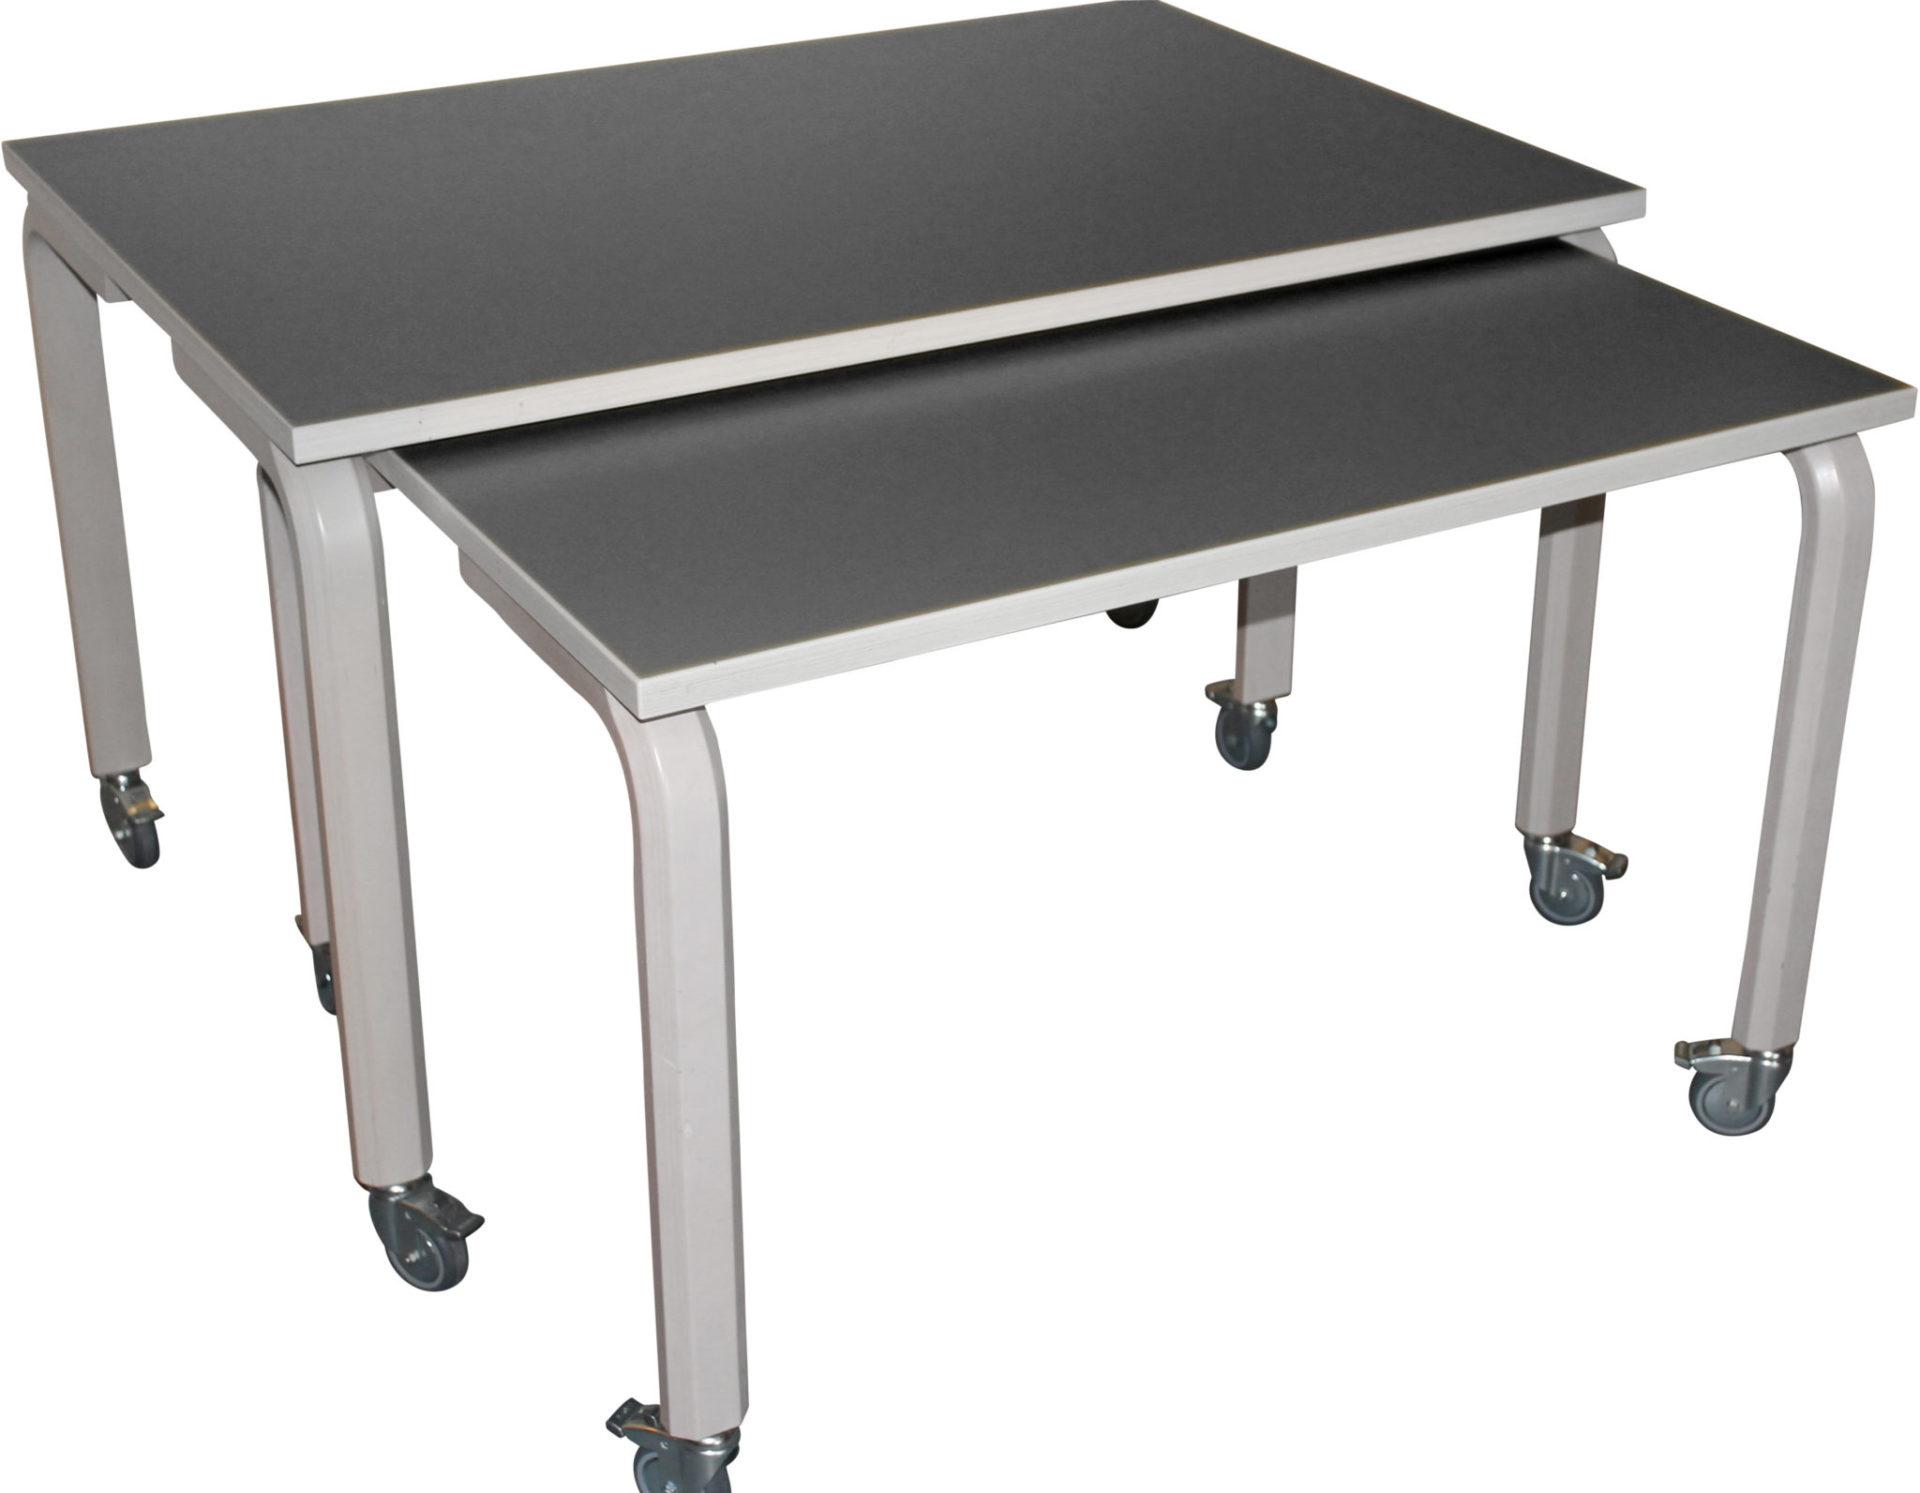 Indskudsbord - høj opløsning